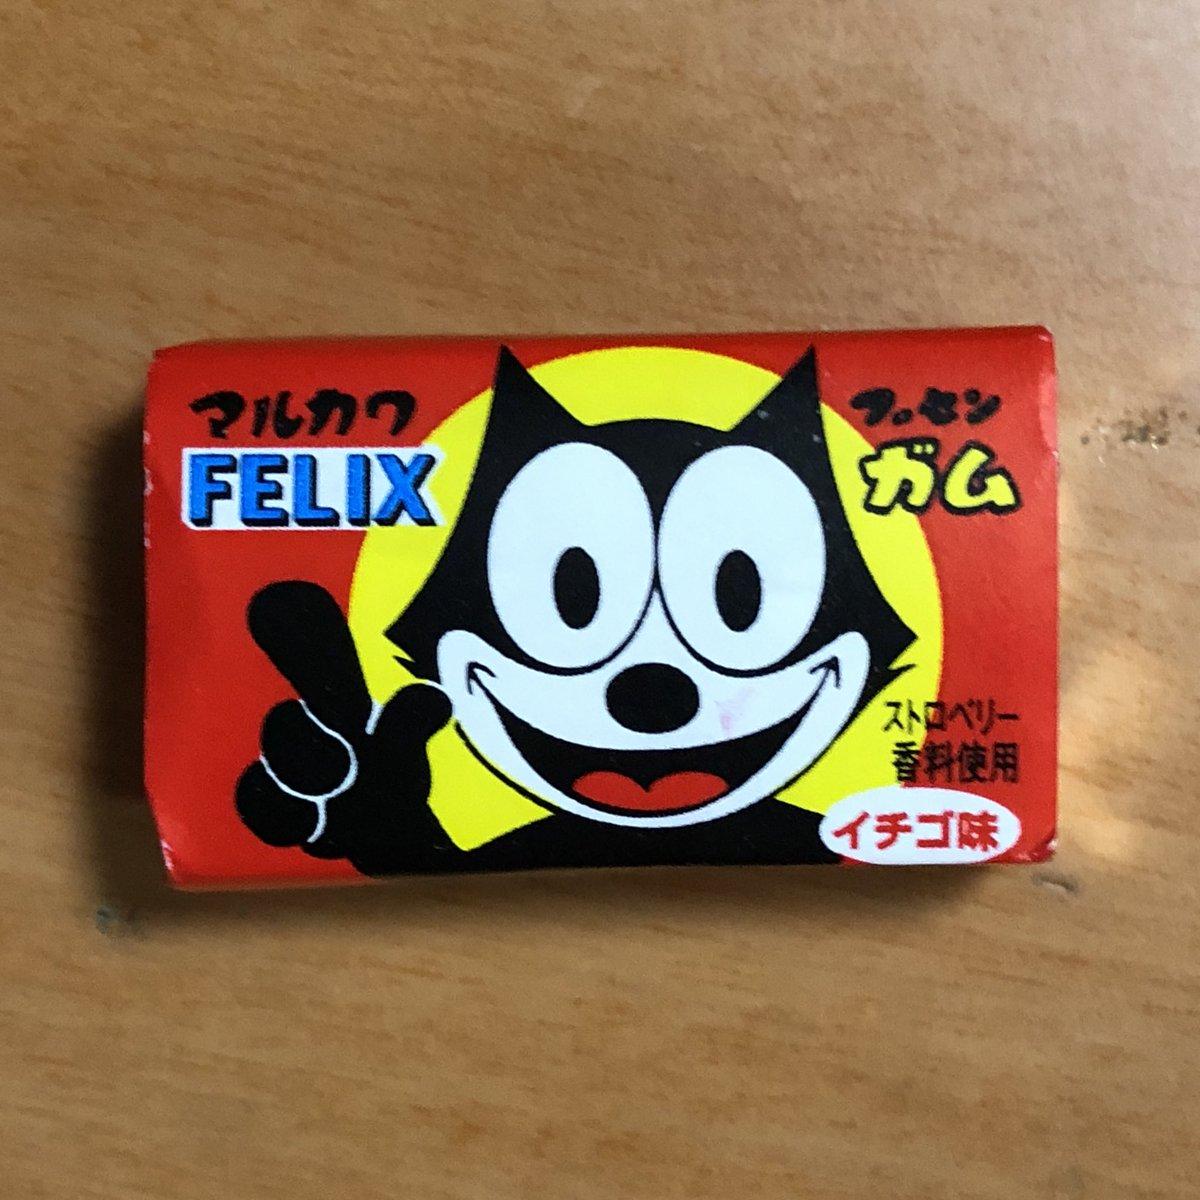 久しぶりに見た「FELIXガム(通称:猫ガム)」から当たりハズレ券が消えていた件。